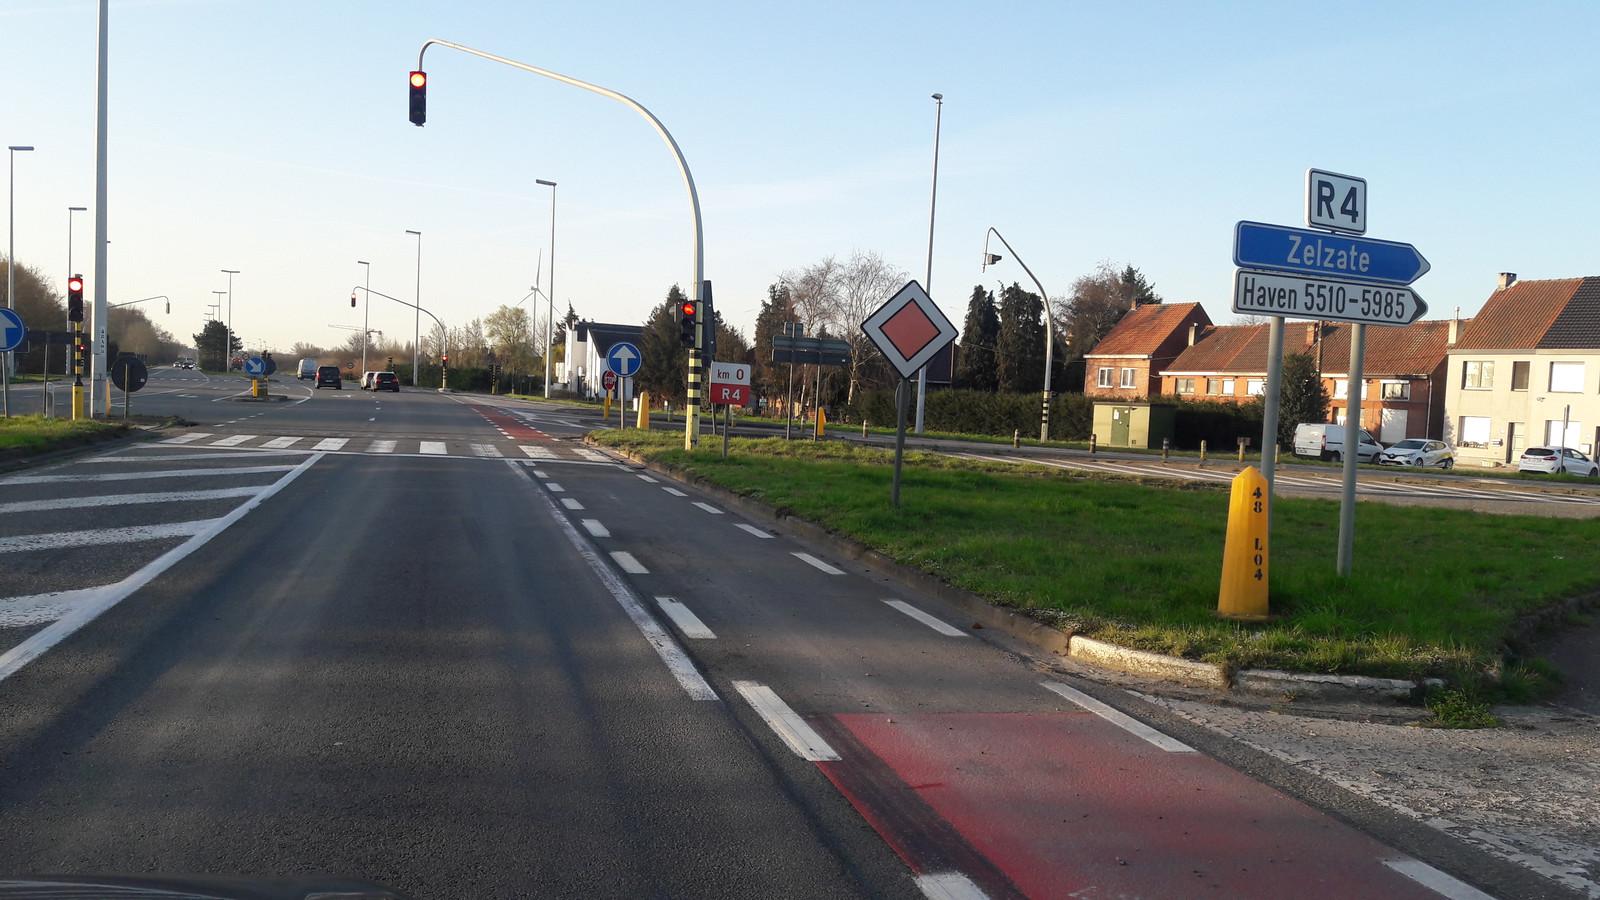 De afslag Zelzate, komende vanaf de Tractaatweg uit de richting Terneuzen, met rechtdoor de R4 naar Gent.